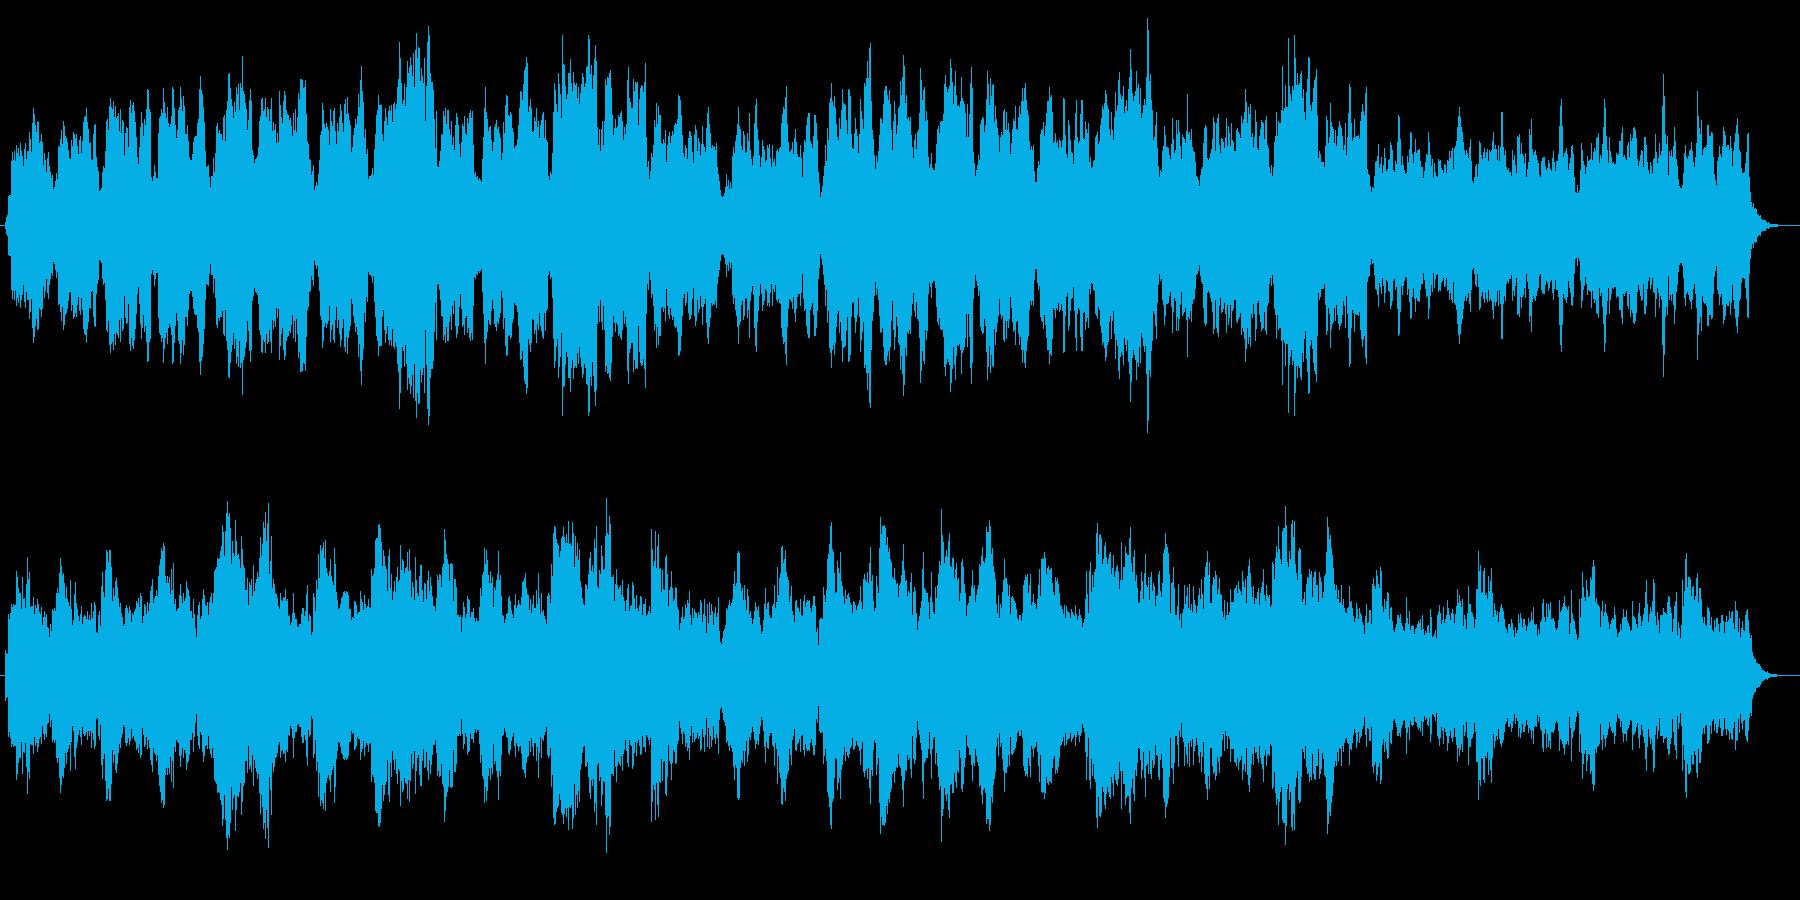 荘厳なリラクゼーションミュージックの再生済みの波形